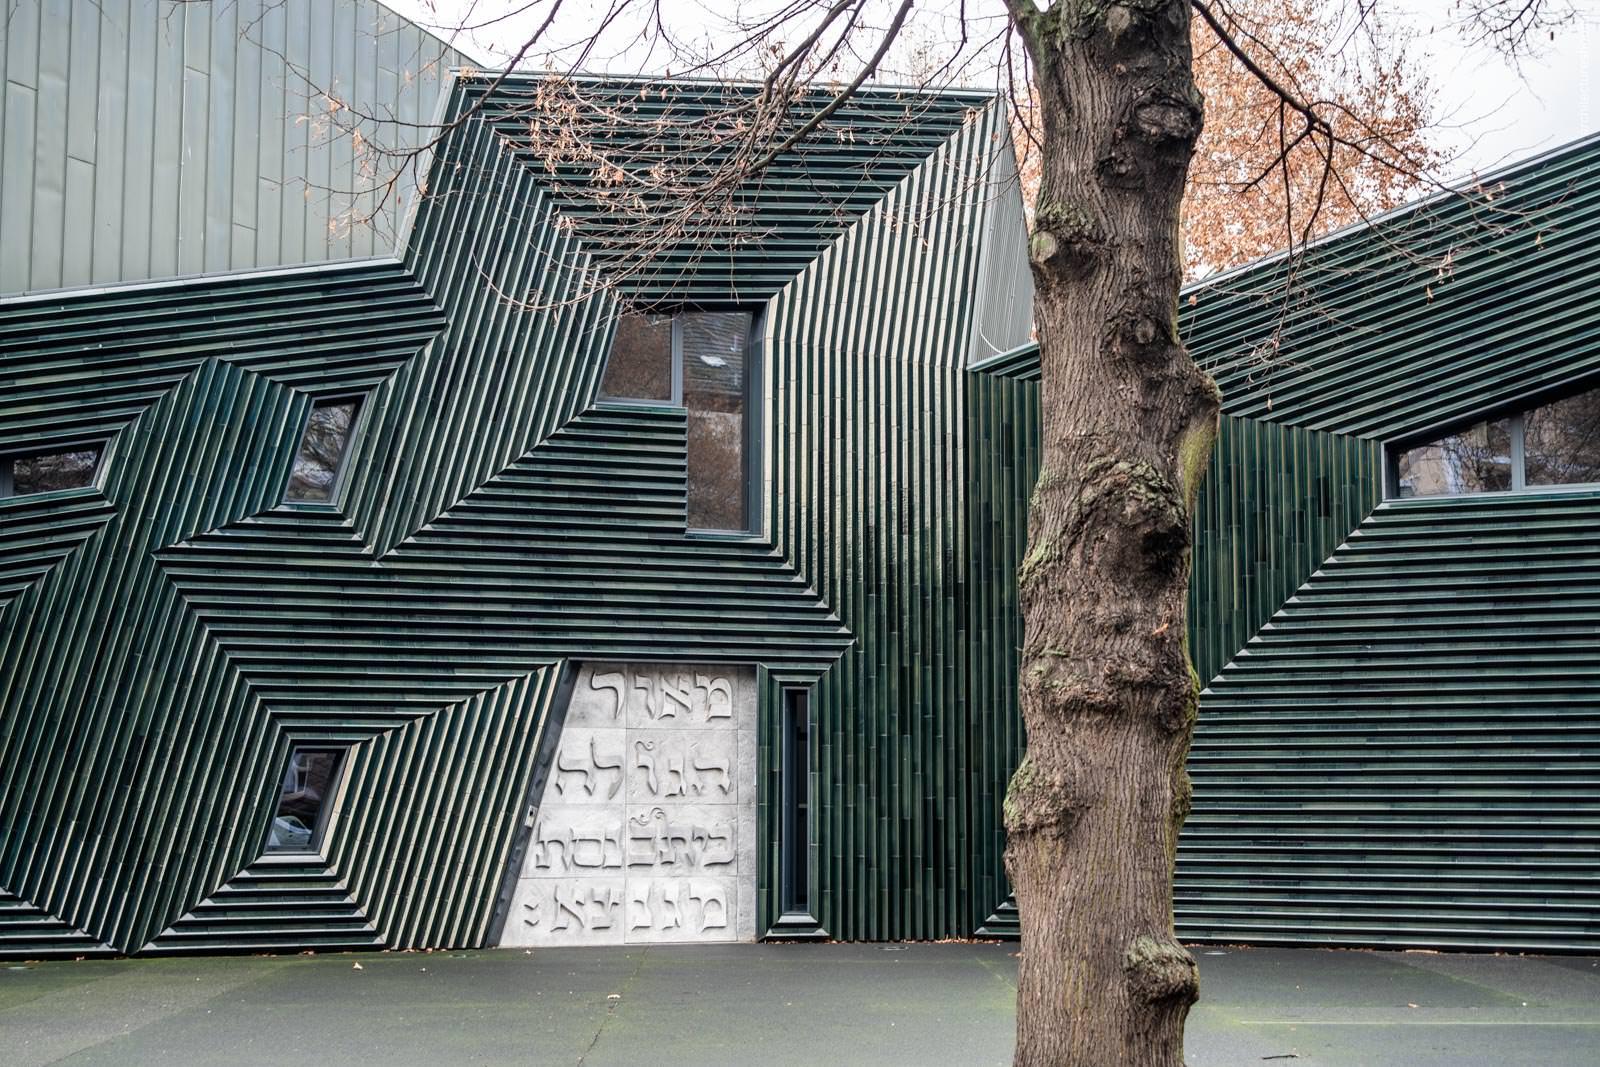 Neue Synagoge, Mainz - Manuel Herz, 2010